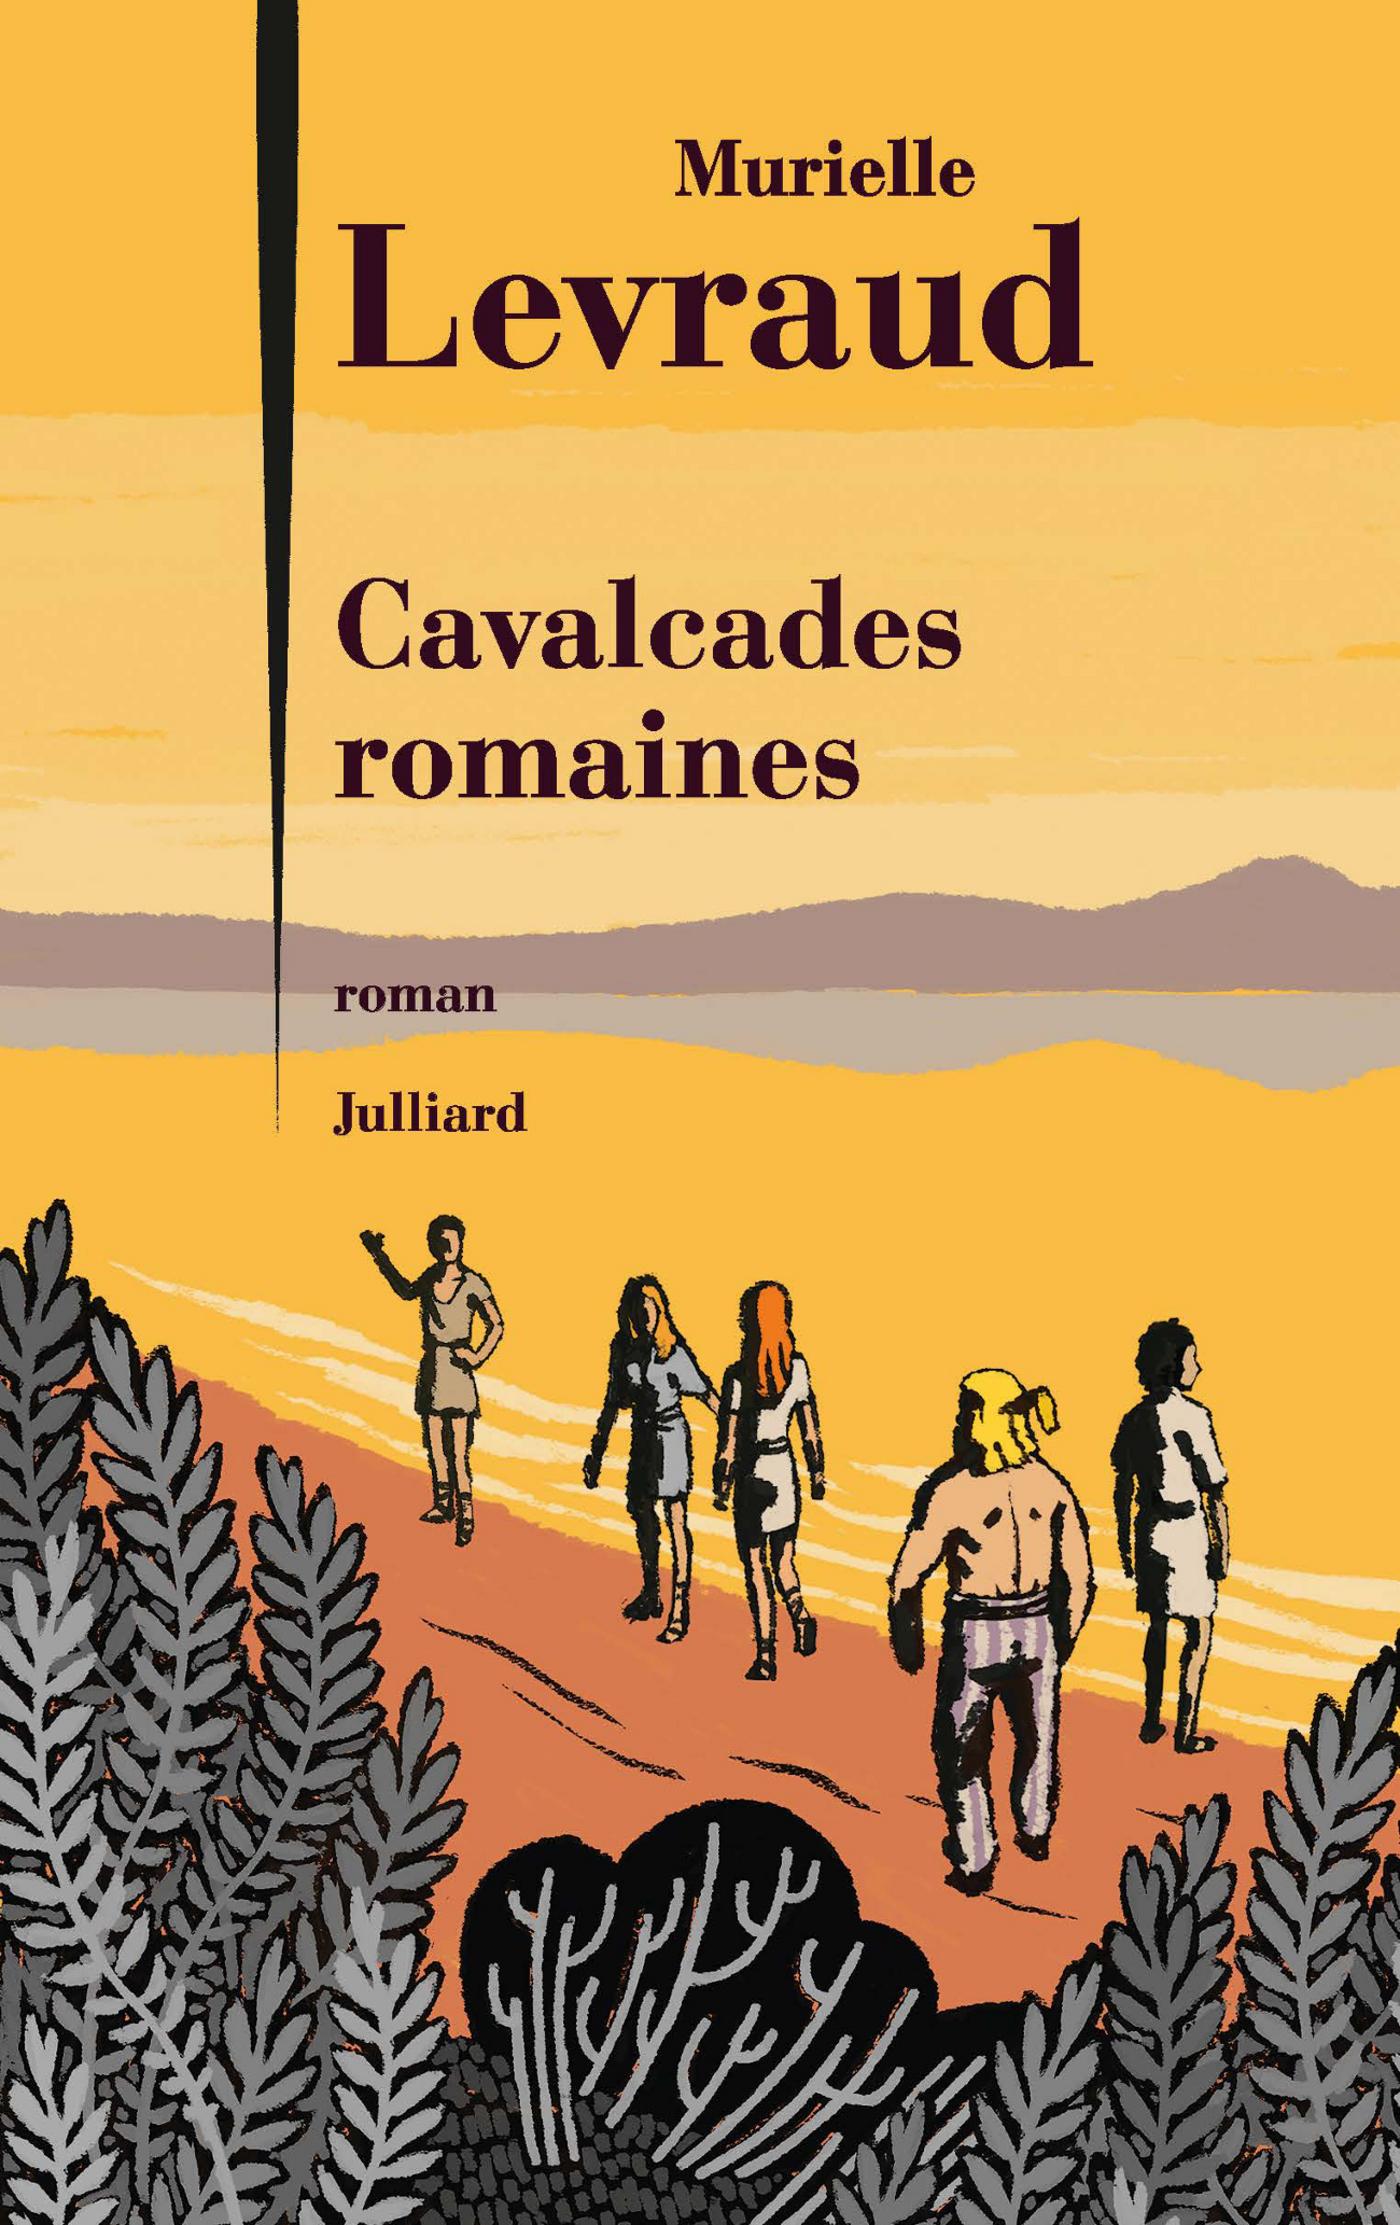 Cavalcades romaines (ebook)